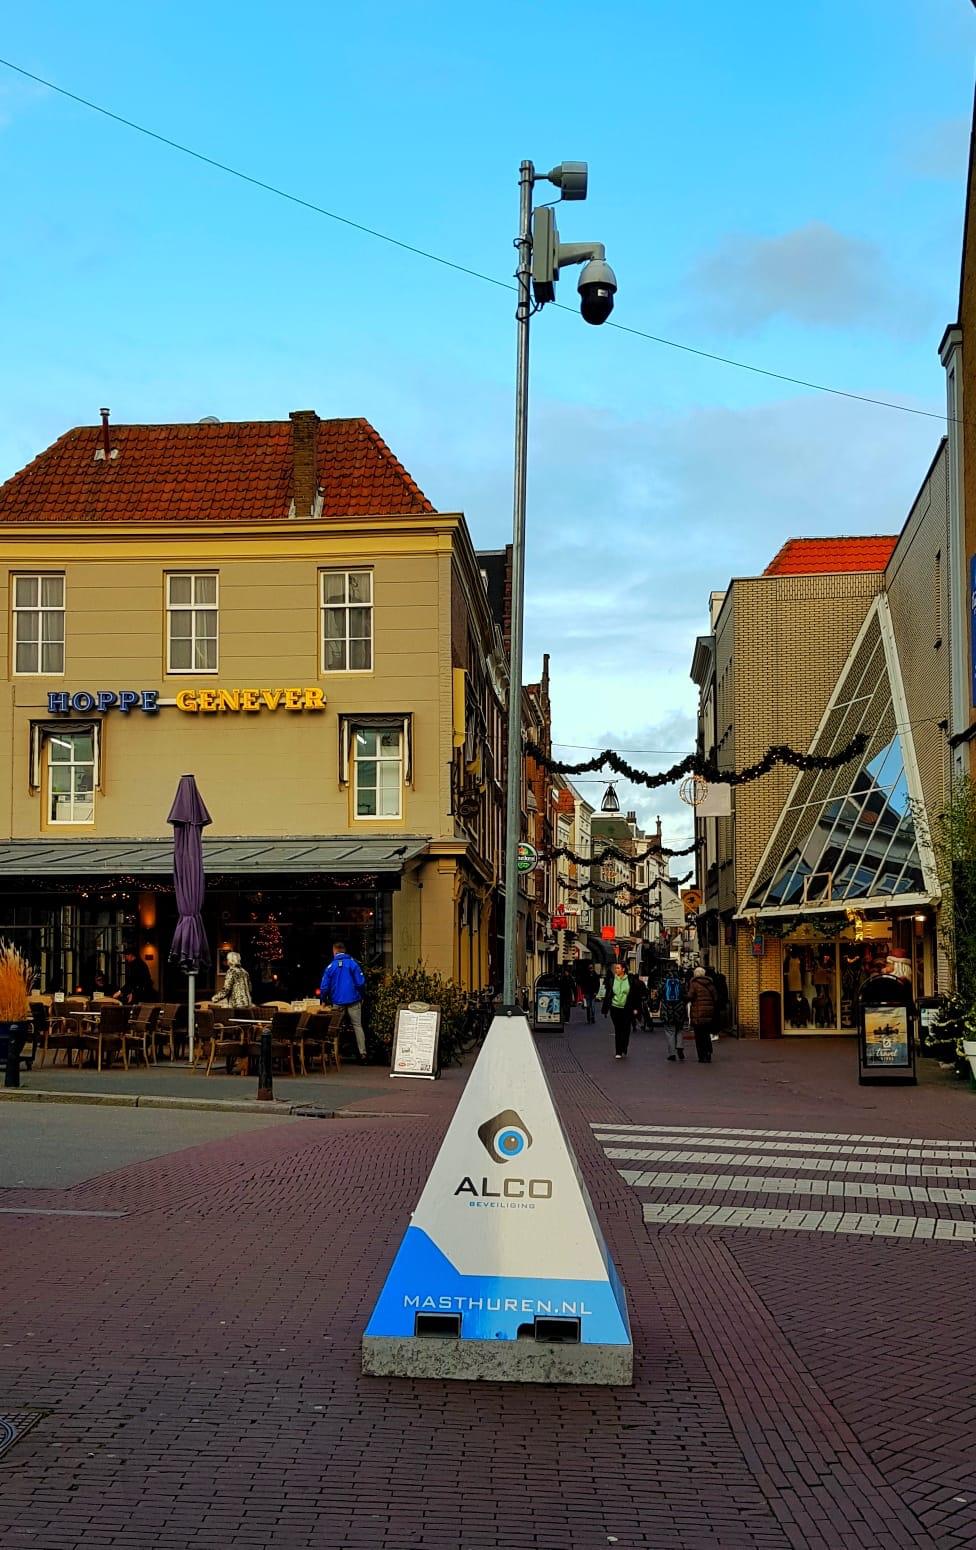 In Dordrecht is dit weekend weer de grootste kerstmarkt van Nederland! Hiervoor hebben wij in het centrum draadloze full HD PTZ camera's geïnstalleerd en CP ingericht in een pand waar overzicht gehouden kan worden over de kerstmarkt! #cameratoezicht #beveiliging #kerstmarkt #dordrecht